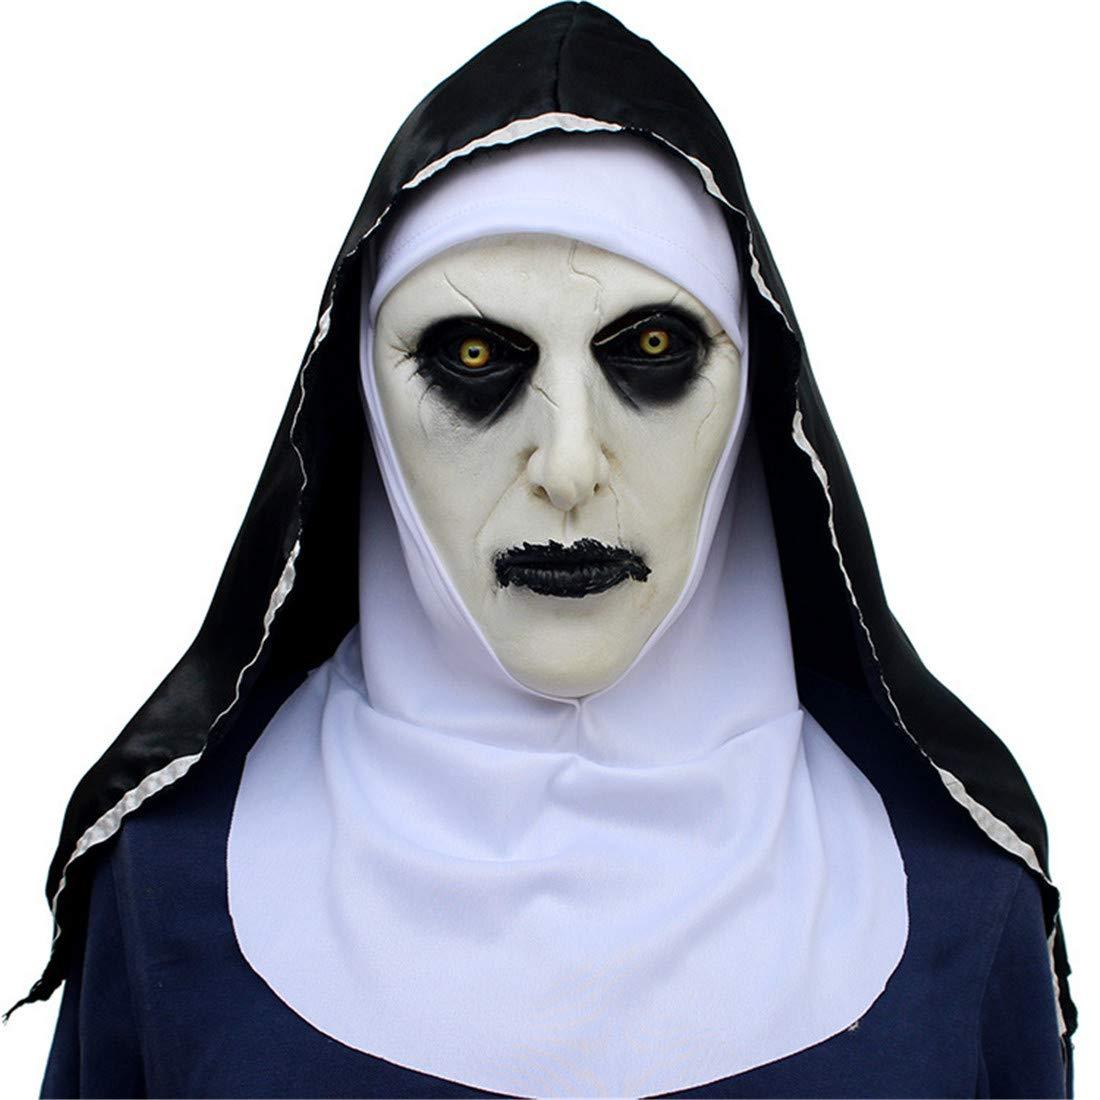 VUKUB Halloween Decoración Horror Monja Mujer Fantasma Máscara Traje Máscara Cosplay Máscara Completa Cabeza Látex Lobo Fuego: Amazon.es: Deportes y aire ...